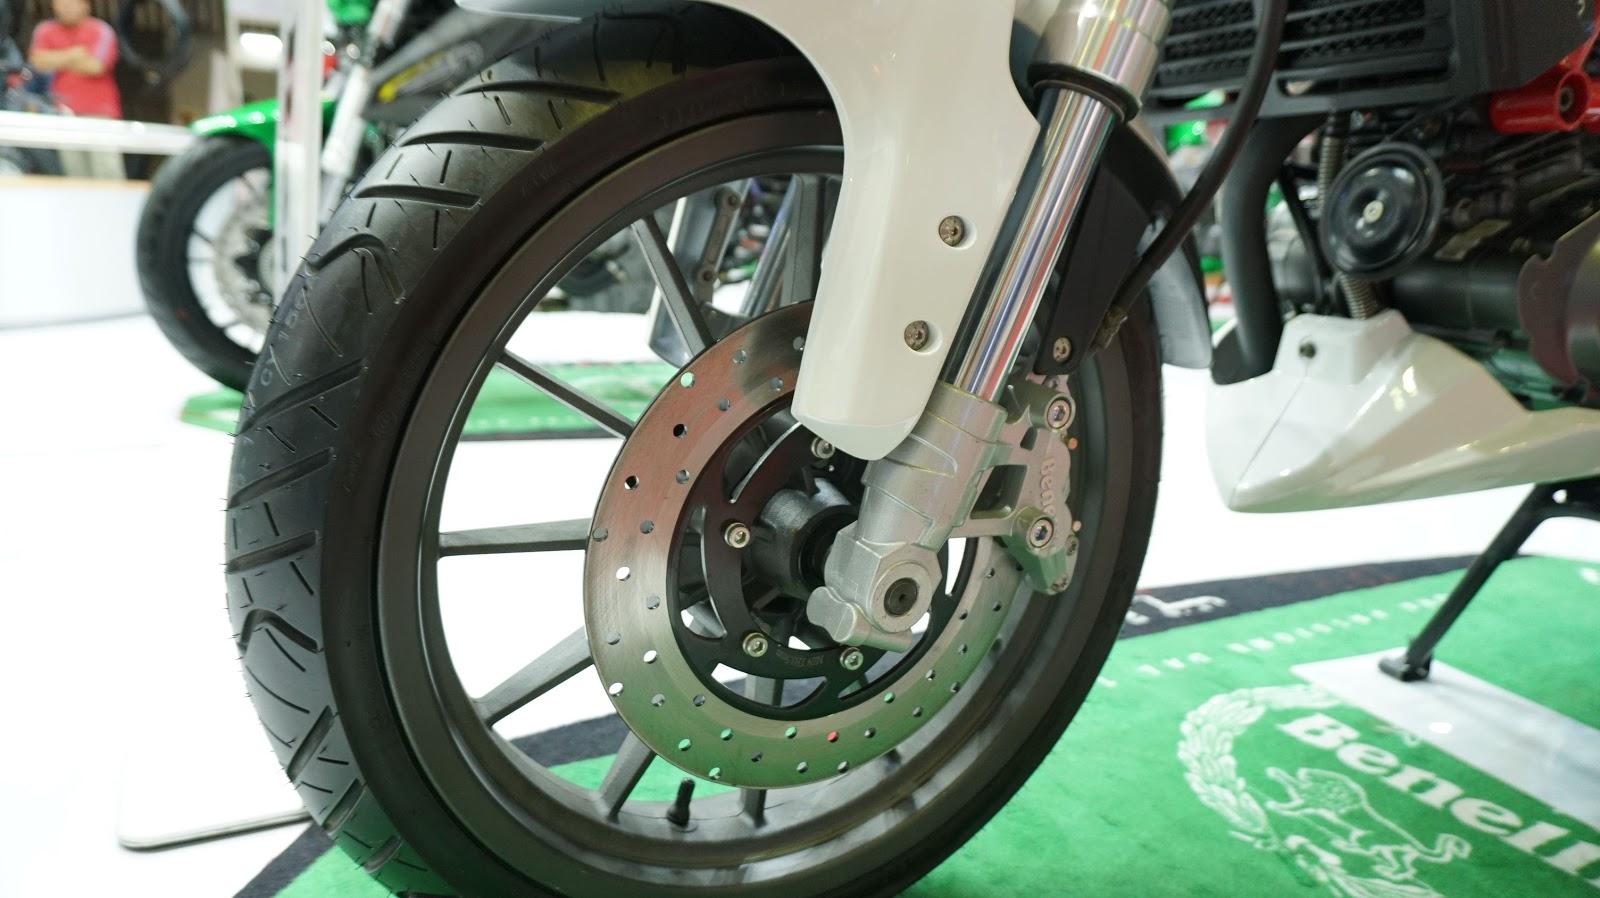 Bánh trước một đĩa phanh, hệ thống giảm xóc hành trình 120 mm, bánh xe khá hầm hố, vành chắc chắn